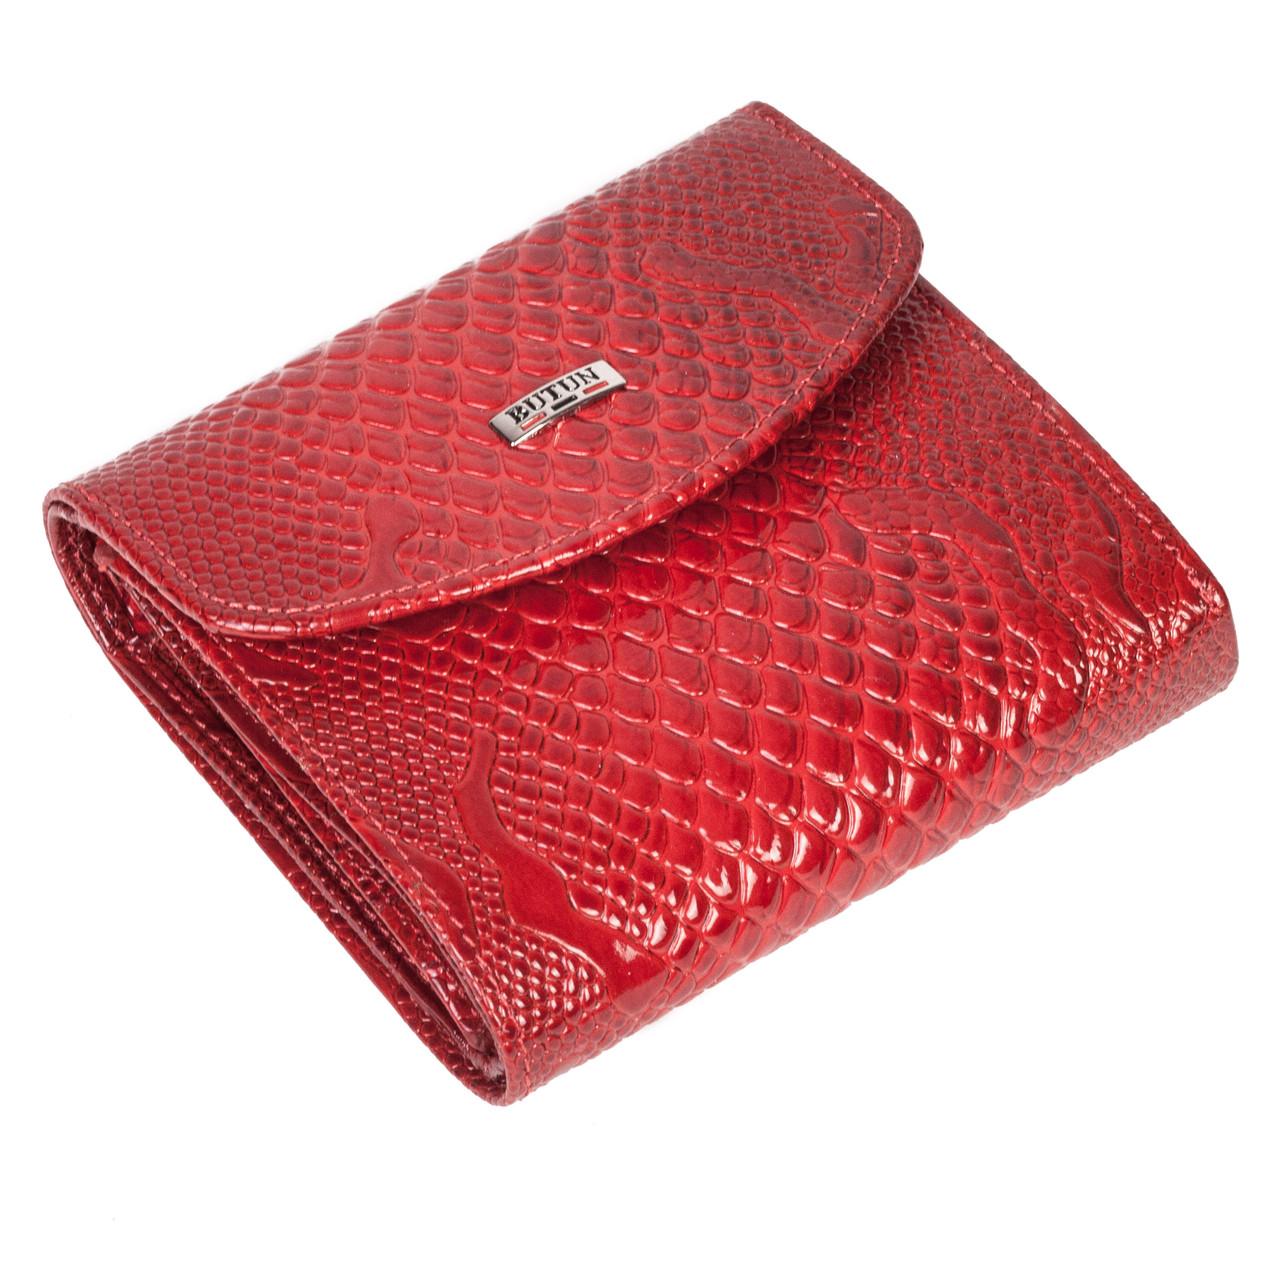 Женский кошелек кожаный красный Butun 584-008-006